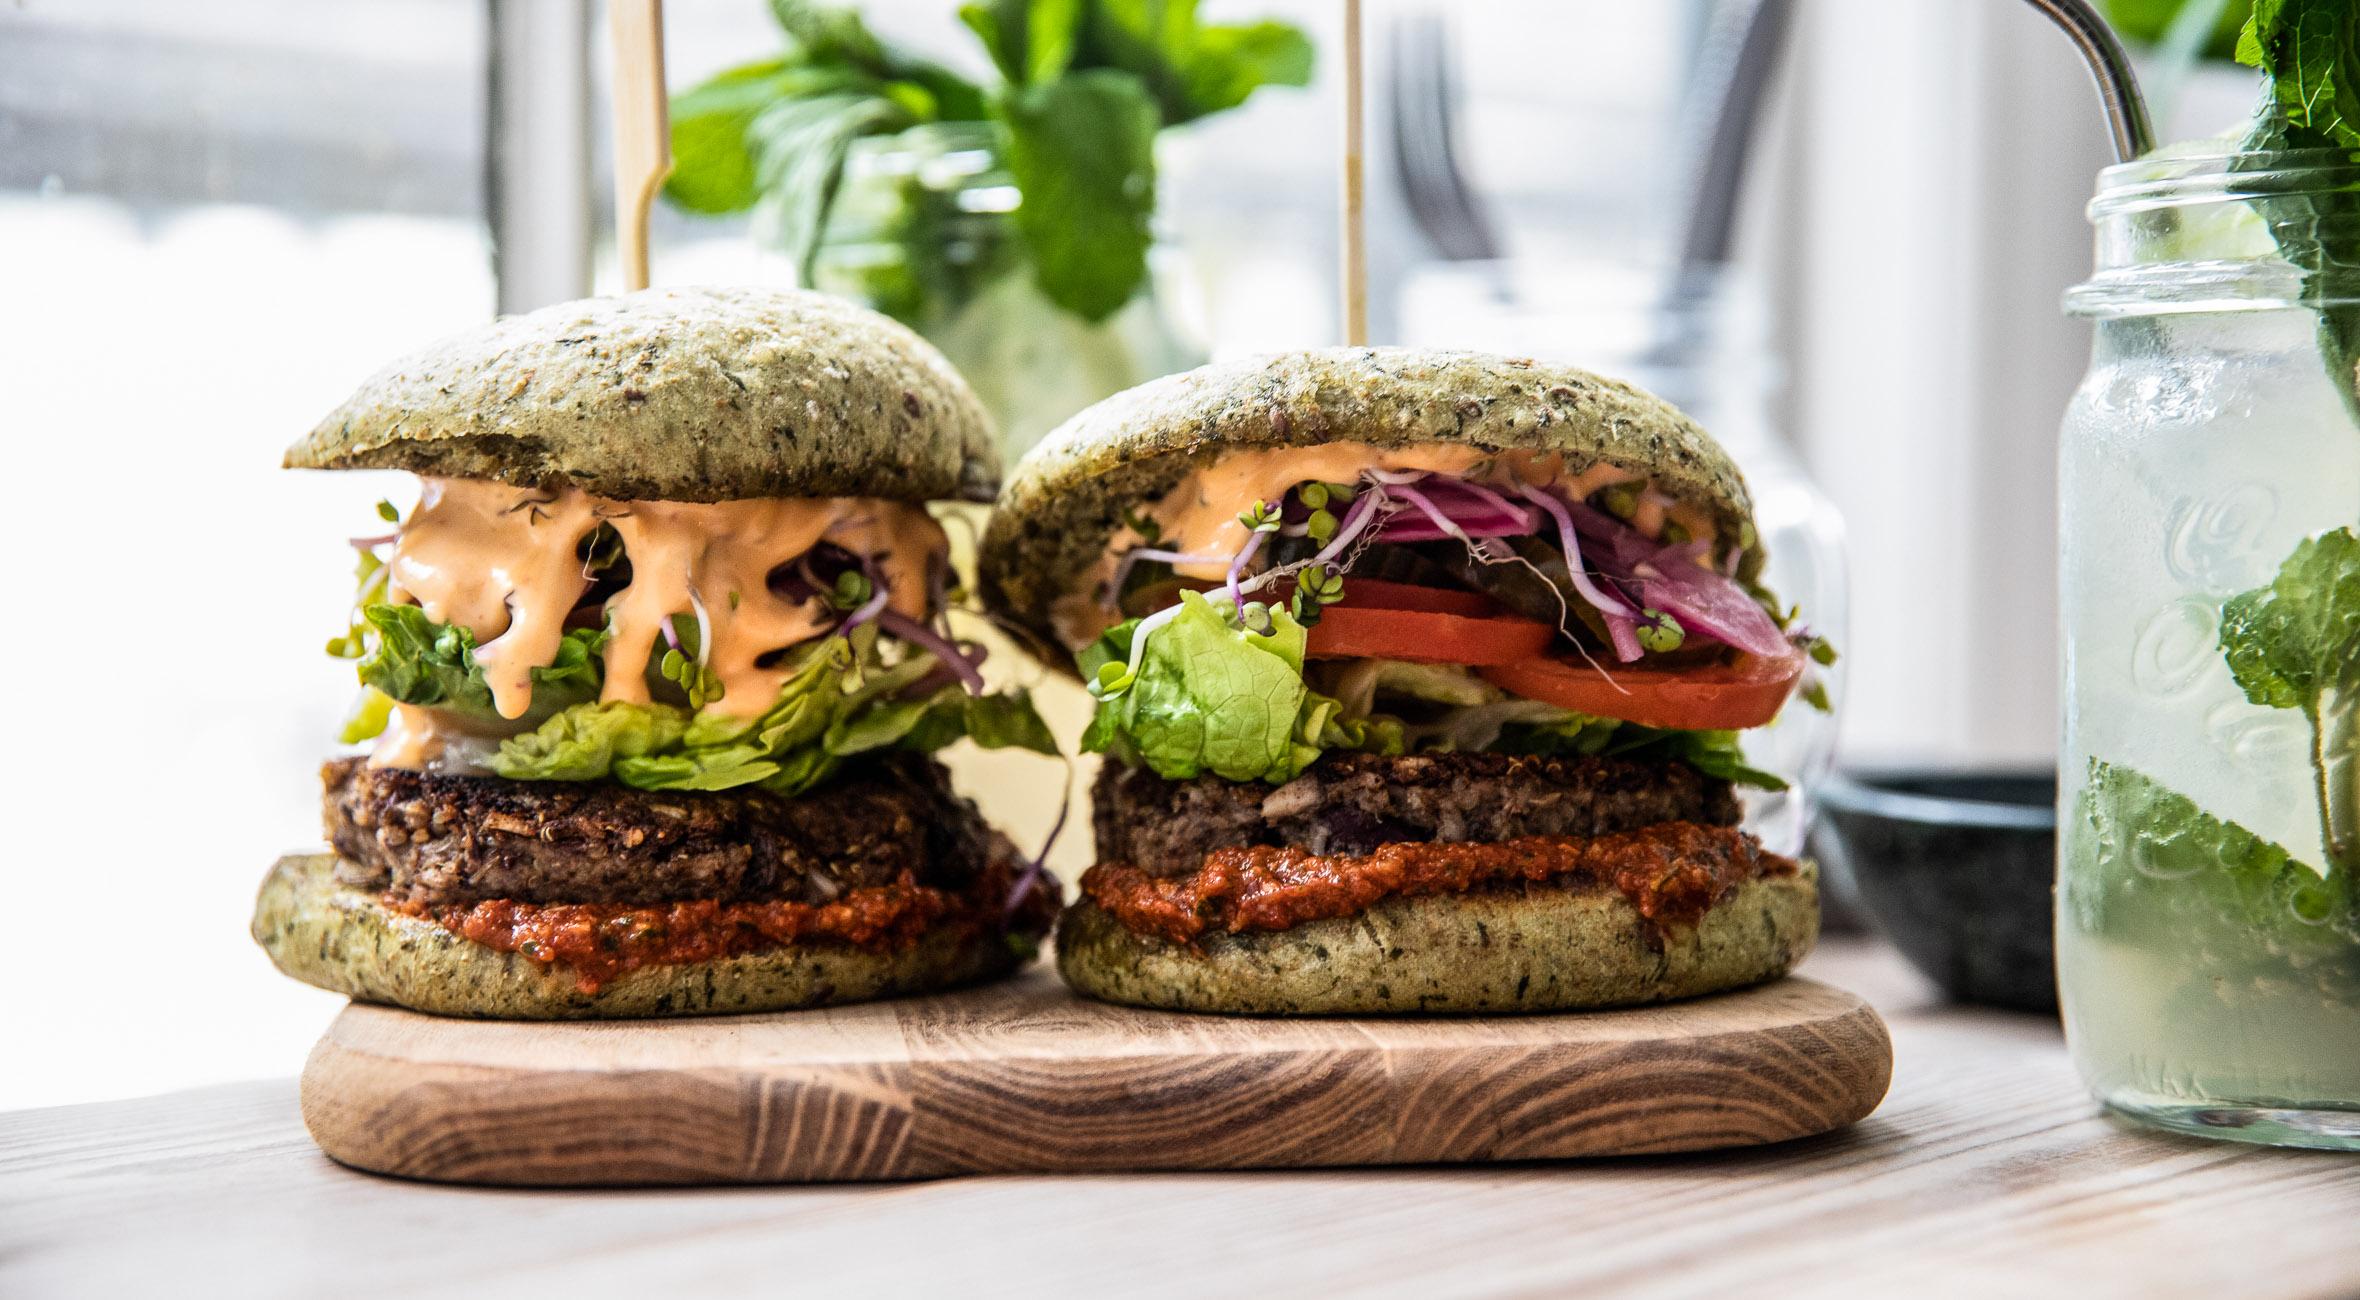 2 veganske burgere + 2 lemonade hos Hope Organic i Indre By – Nyd bløde bohemian vibes og byens måske bedste veganske burgere